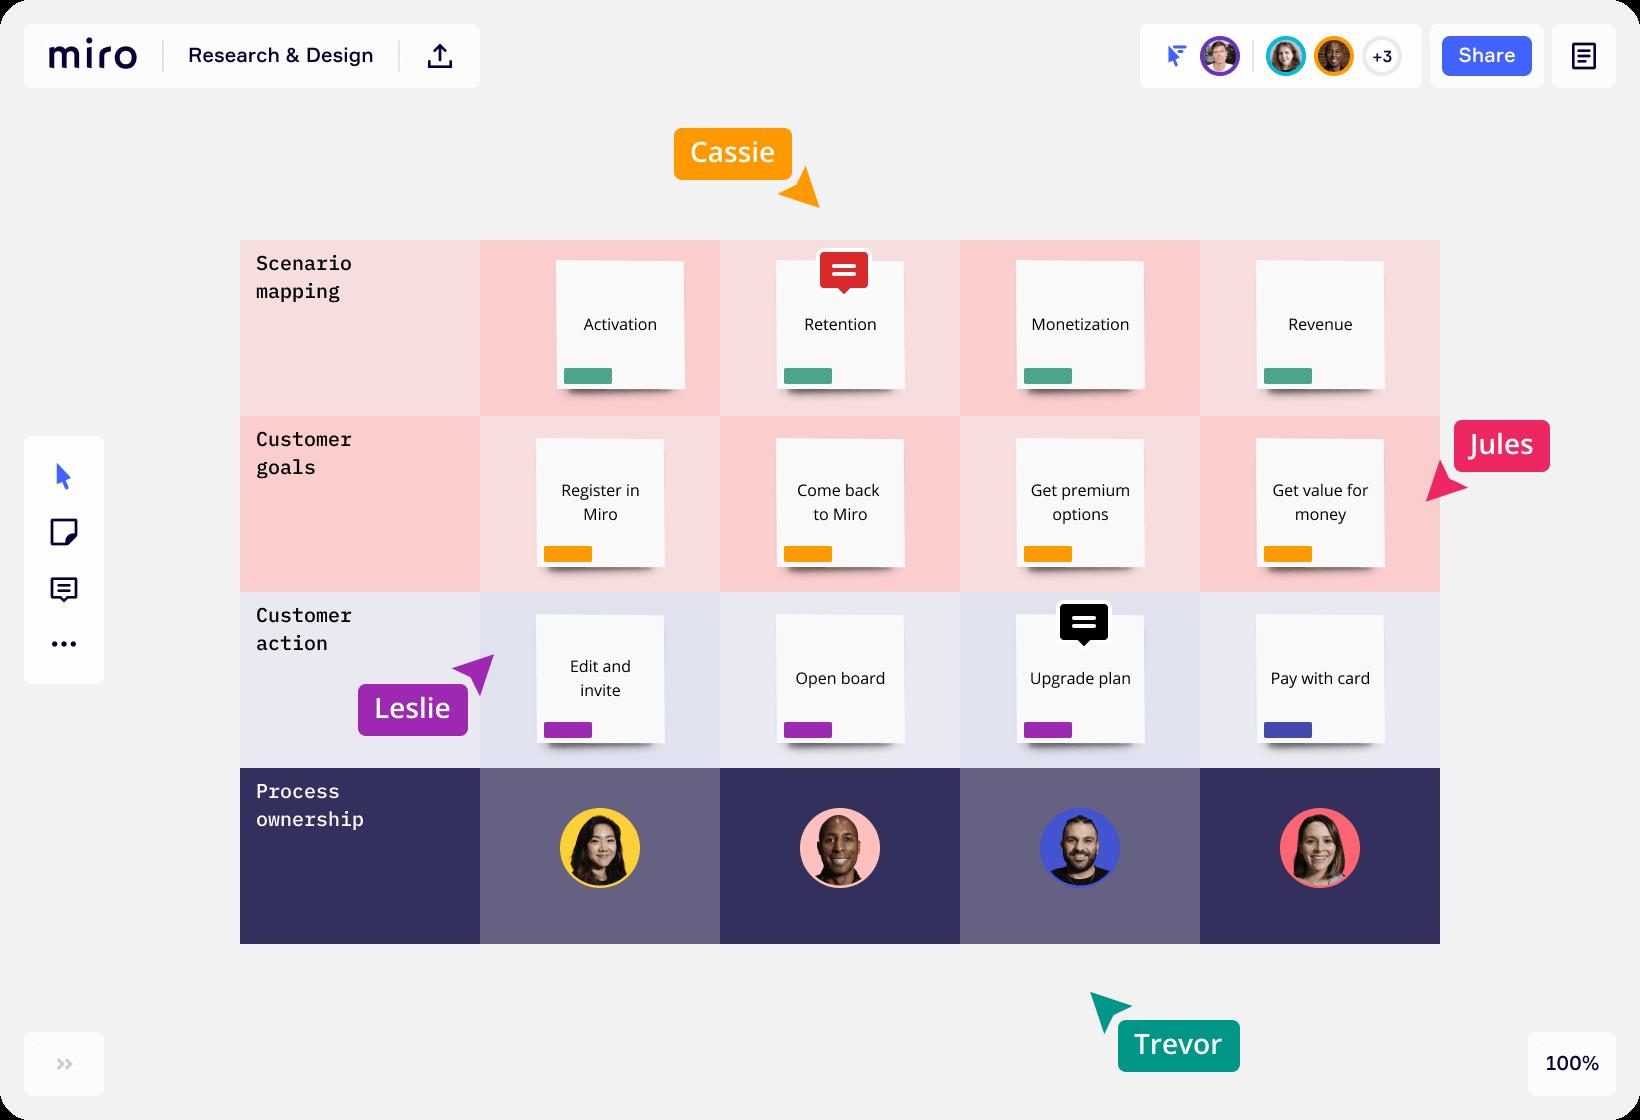 Aplikacja Miro